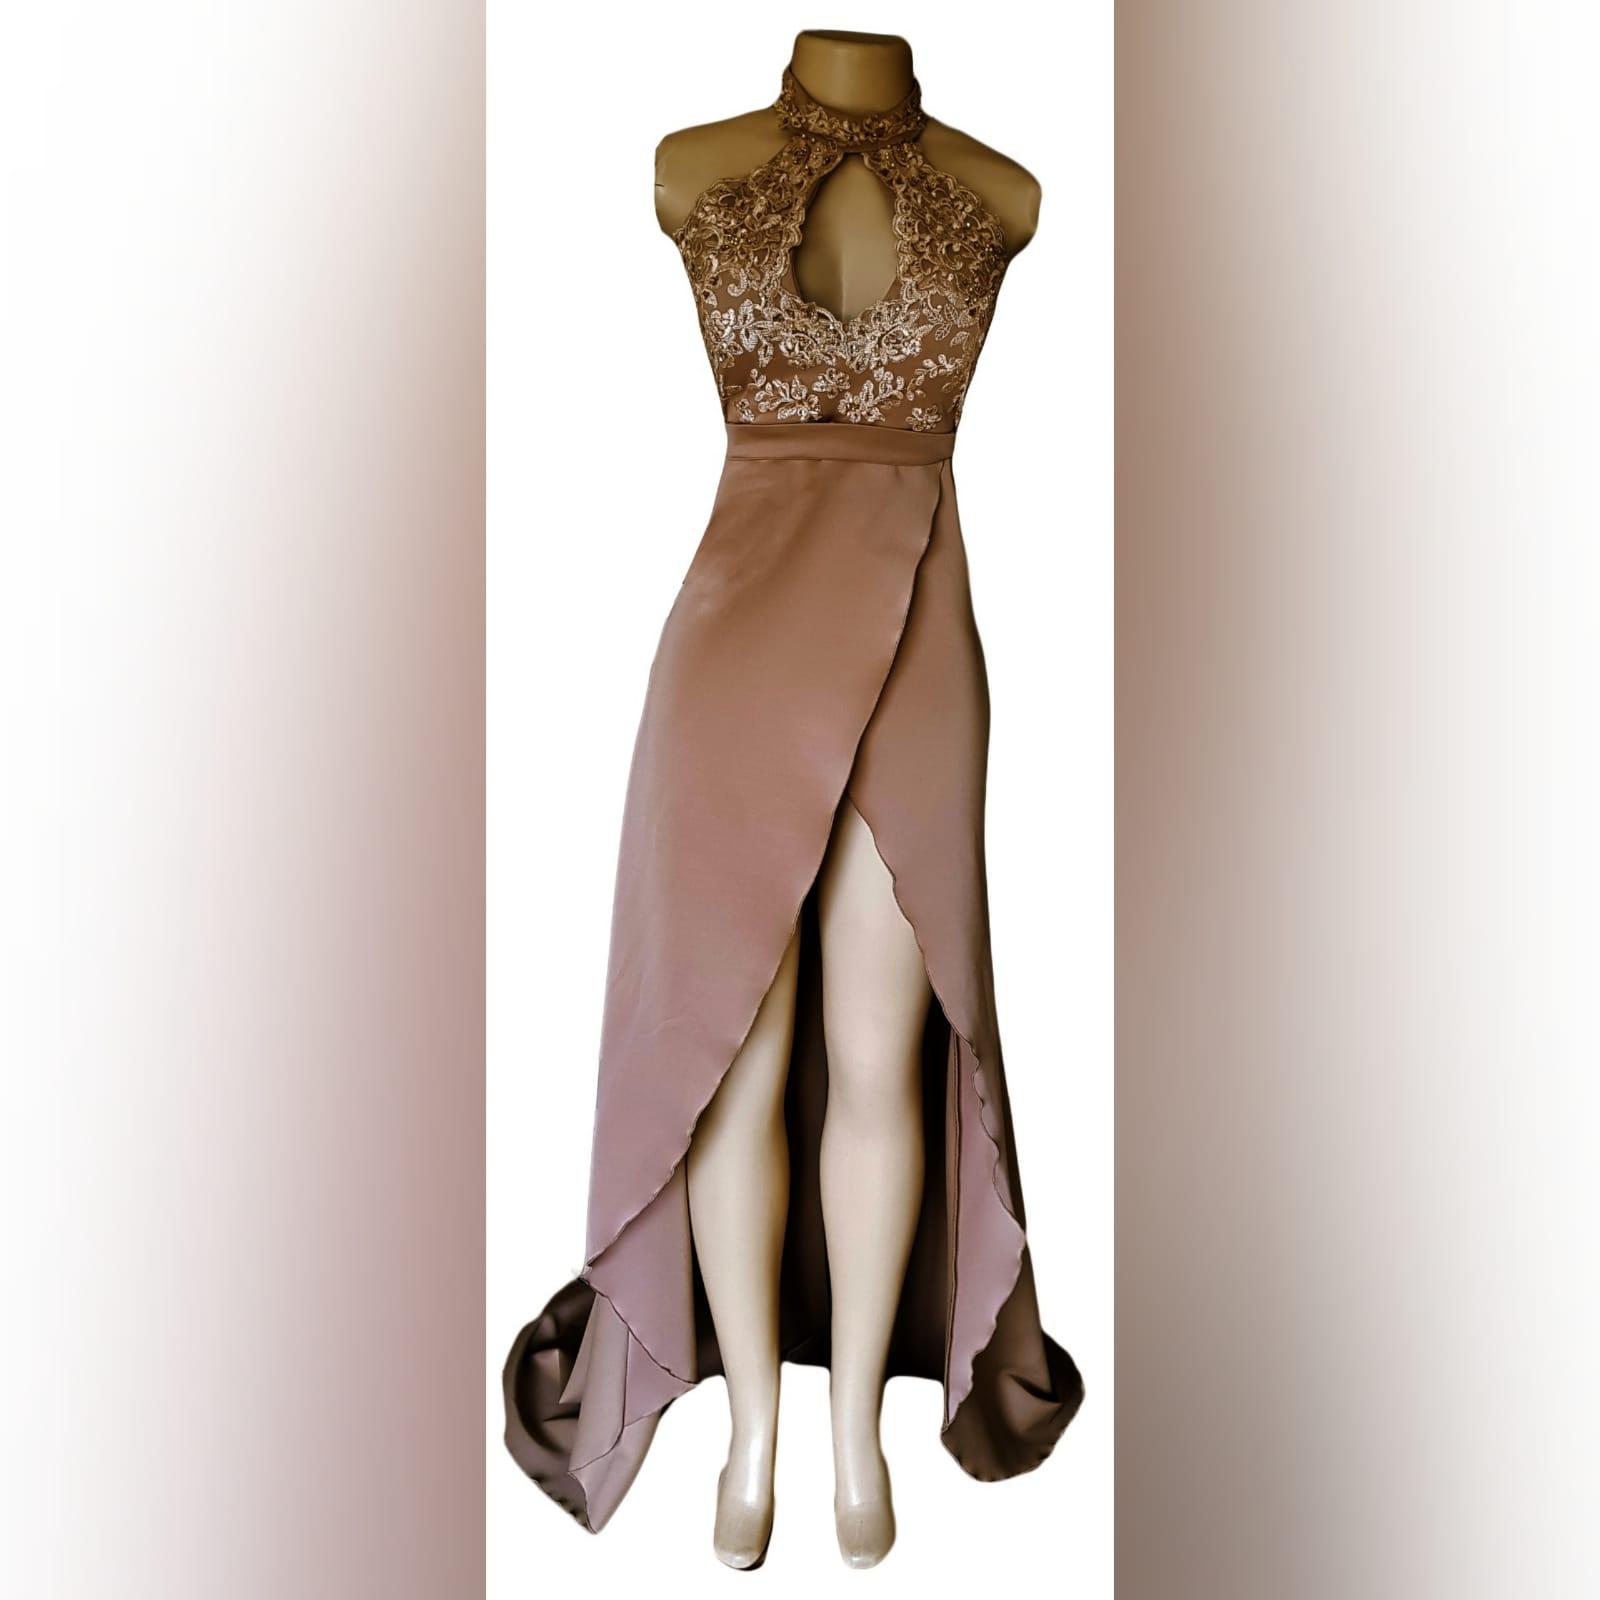 Vestido de graduação longo cor bronzeado 3 vestido de graduação longo cor bronzeado e dourado com corpete de gargantilha de renda, com abertura de decote em lágrima. Com um v aberto a trás. Uma cauda e uma racha alta cruzada.